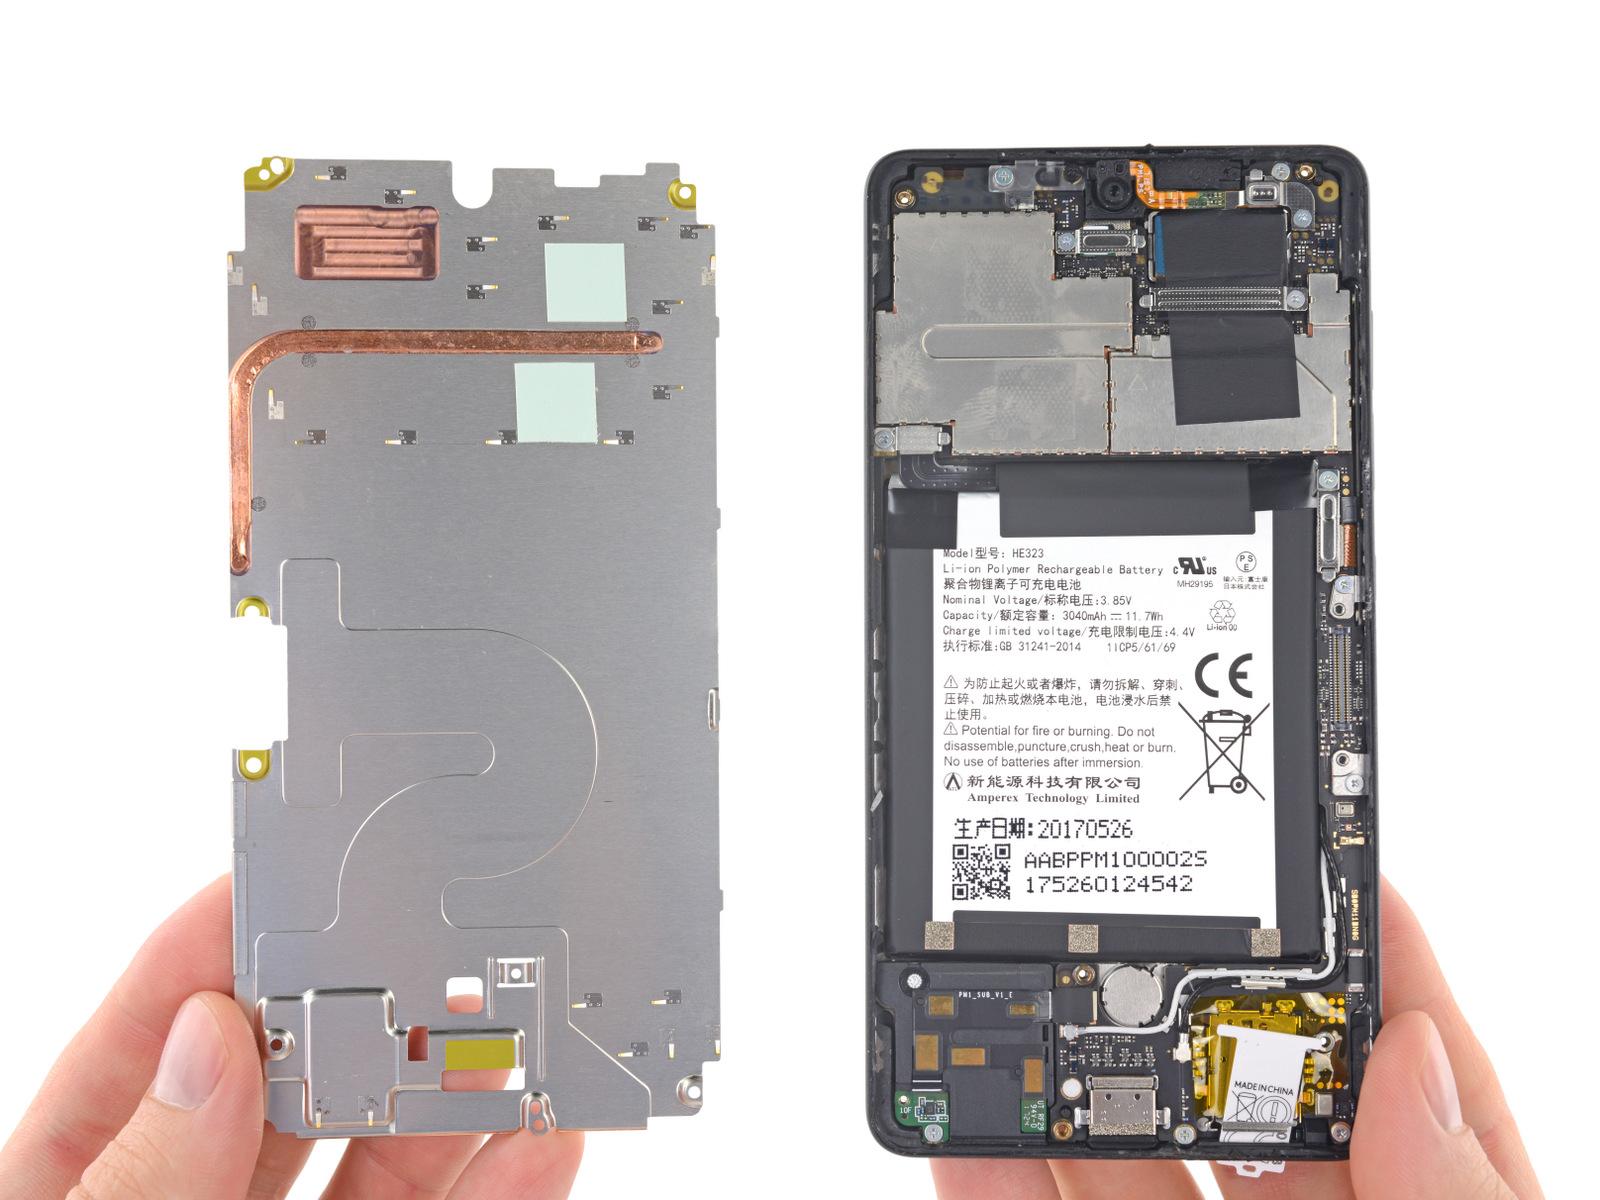 Телефон от создателя Android получил 1 балл из 10 по шкале ремонтопригодности iFixit - 4